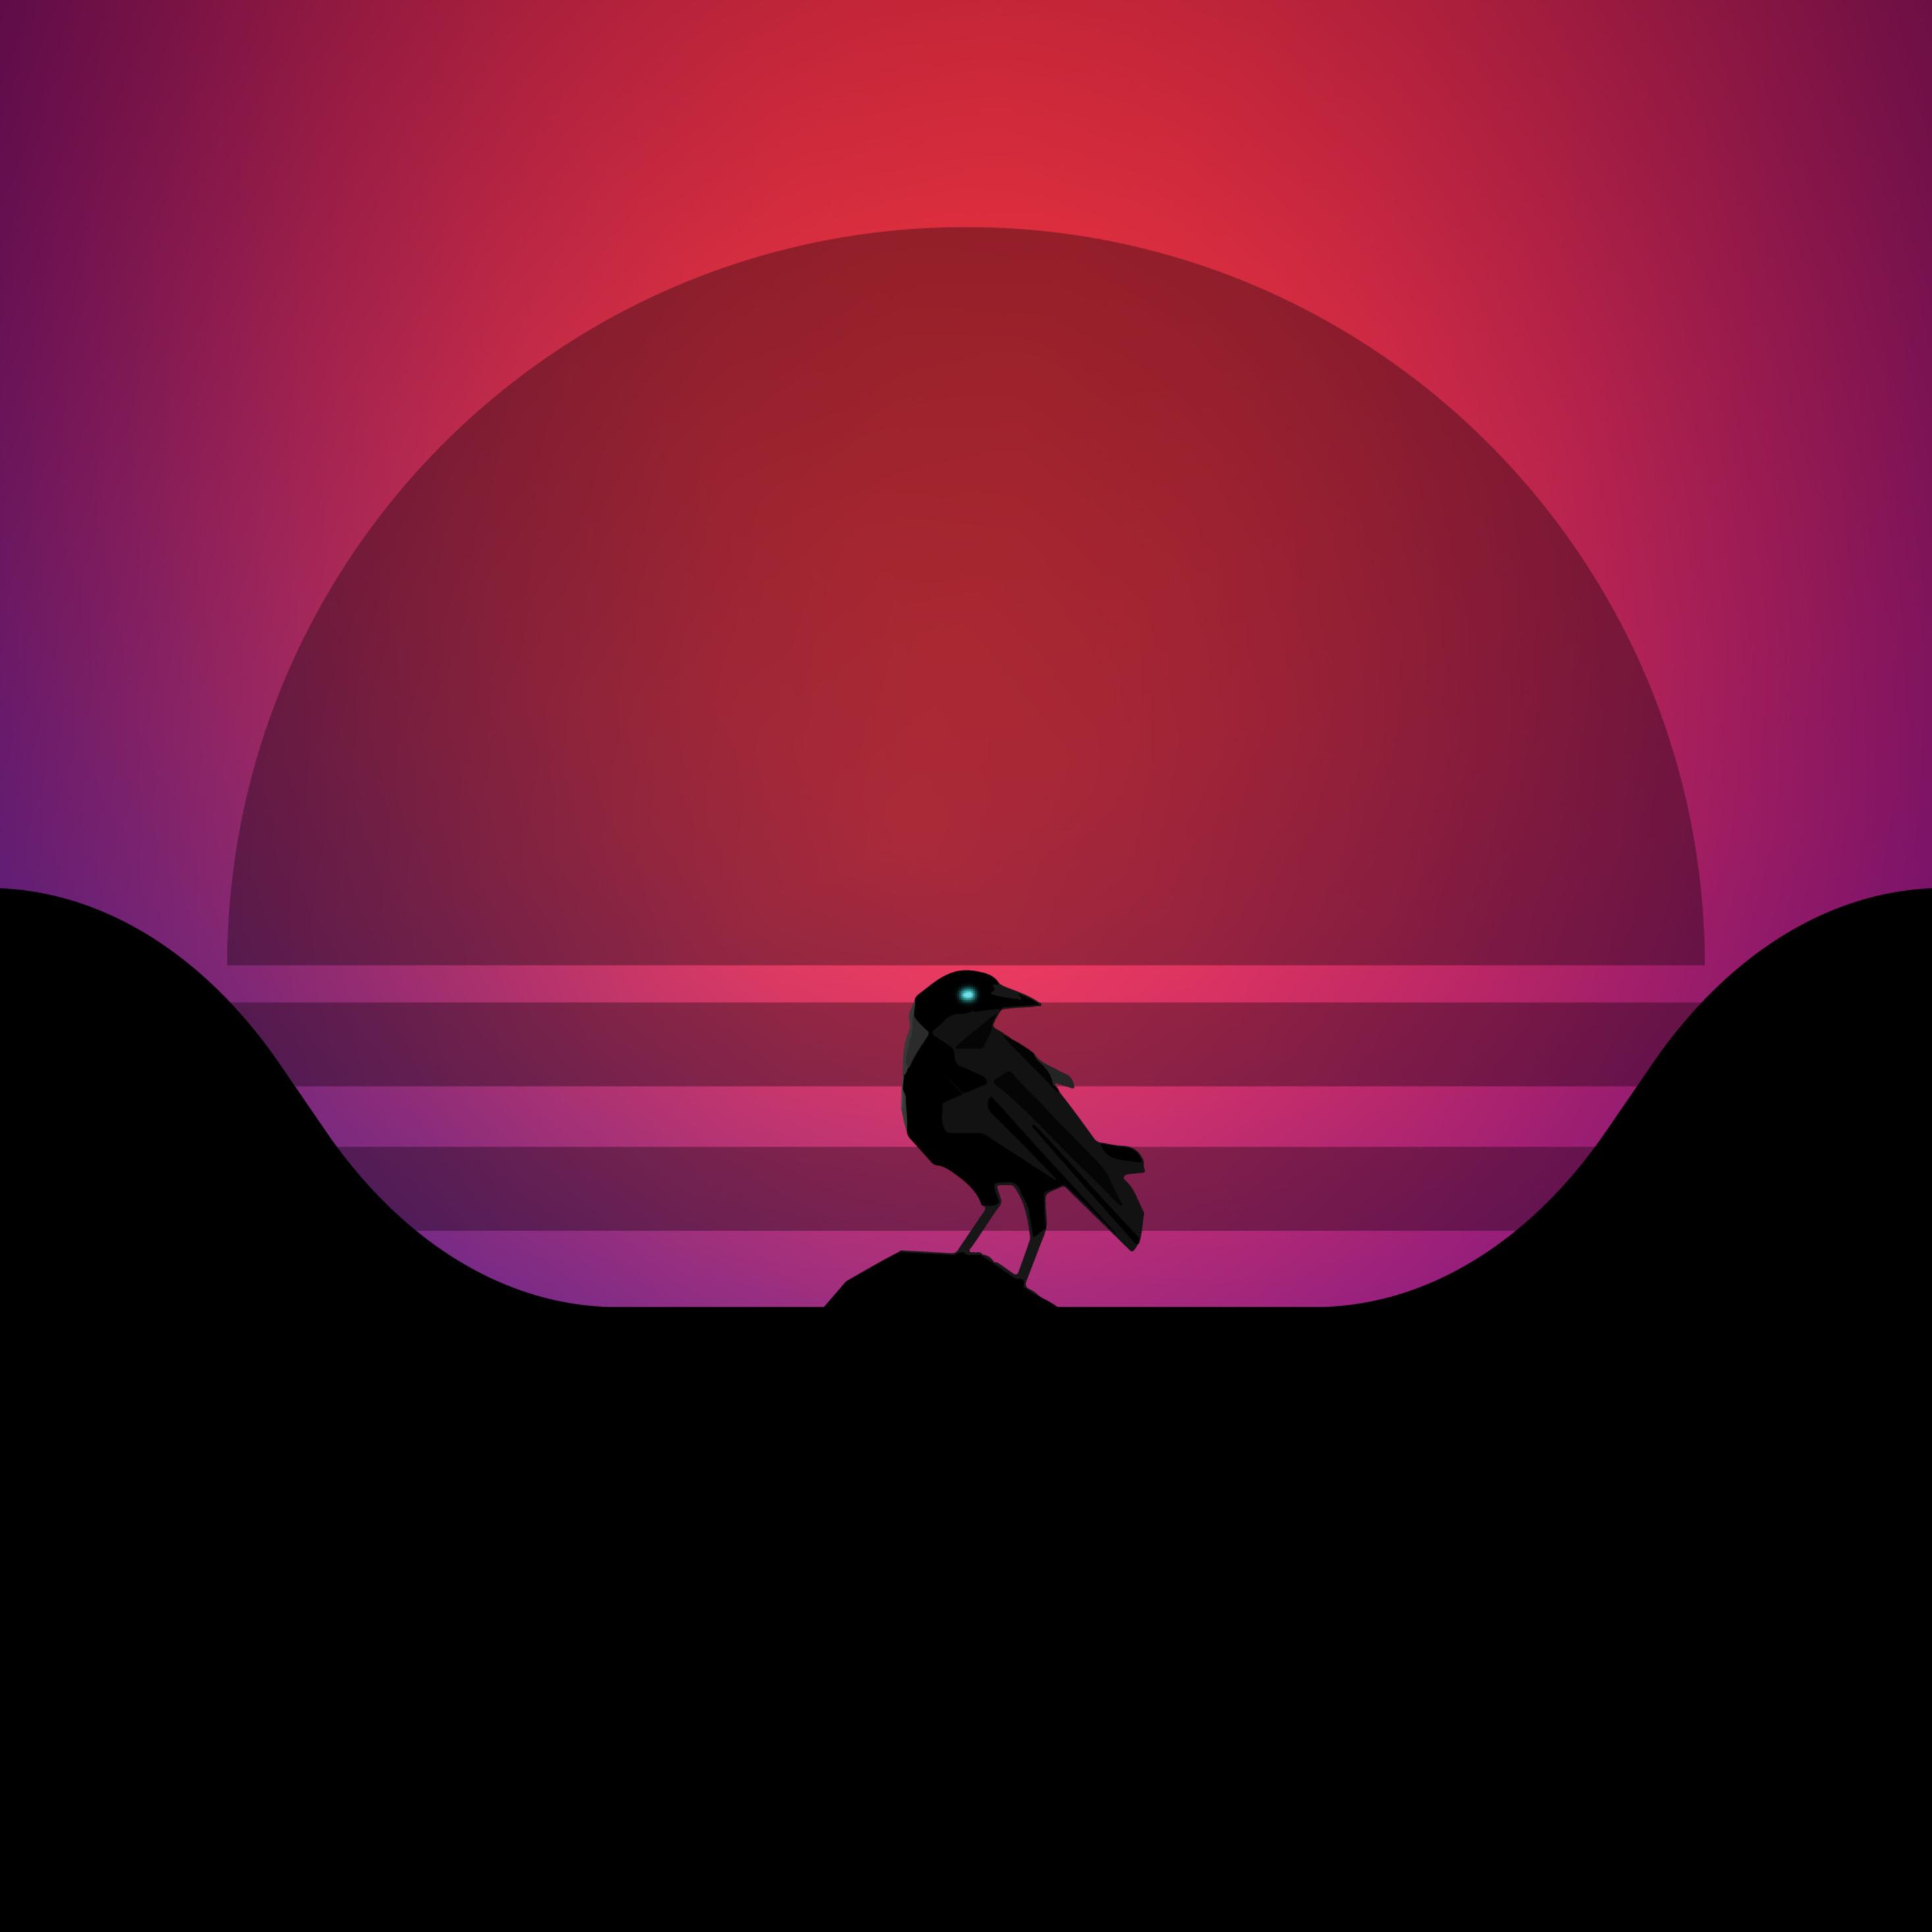 bird-synthwave-4k-he.jpg